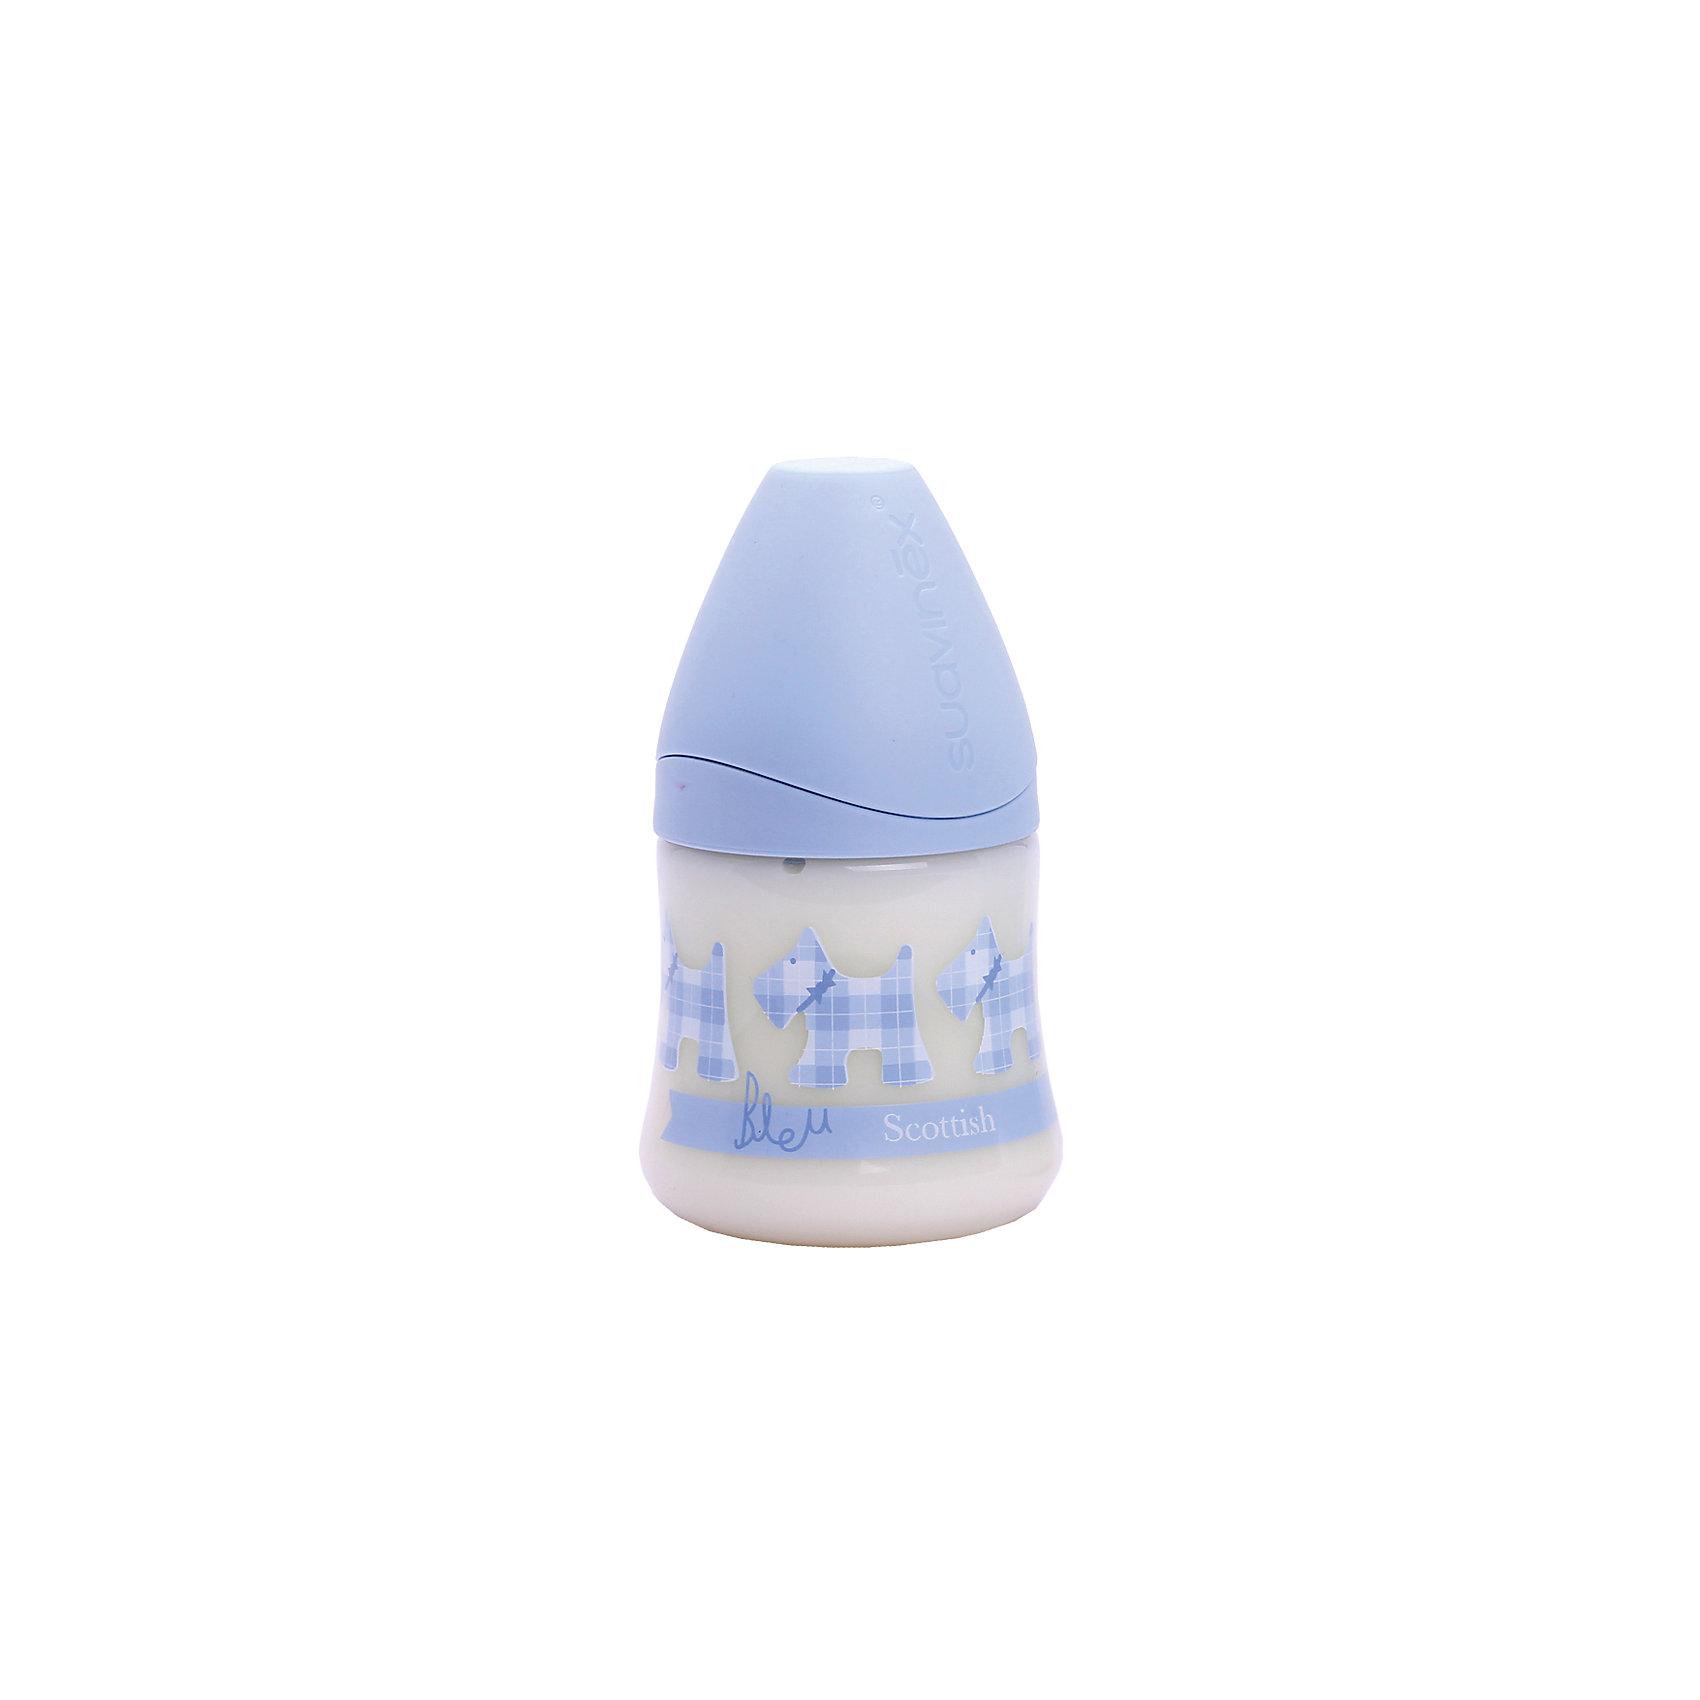 Бутылка 150мл SCOTTISHот 0-6 мес., Suavinex, голубой собачкаБутылочки и аксессуары<br>Характеристики:<br><br>• Наименование: бутылка для кормления<br>• Рекомендуемый возраст: от 0 до 6 месяцев<br>• Пол: для мальчика<br>• Объем: 150 мл<br>• Материал: силикон, пластик<br>• Цвет: оттенки голубого, белый<br>• Рисунок: собачка, шотландская клетка<br>• Форма соски: анатомическая<br>• Комплектация: бутылочка, соска, колпачок<br>• Наличие антиколикового клапана<br>• Горлышко бутылки адаптировано под любую форму соски данного производителя<br>• Вес: 85 г<br>• Параметры (Д*Ш*В): 7*7*13,3 см <br>• Особенности ухода: регулярная стерилизация и своевременная замена<br><br>Бутылка 150 мл SCOTTISH от 0-6 мес., Suavinex, голубой собачка изготовлена испанским торговым брендом, специализирующимся на выпуске товаров для кормления новорожденных и младенцев. Продукция от Suavinex разработана с учетом рекомендаций педиатров и стоматологов, что гарантирует не только качество и безопасность использованных материалов, но и обеспечивает правильное формирование неба. <br><br>Бутылочка выполнена с широким горлышком, что облегчает уход за ней. Силиконовая соска анатомической формы длительное время сохраняет свои свойства: не рассасывается и не слипается во время кормления. <br><br>Выполнена бутылка в стильном шотландском дизайне. Рисунок устойчив к появлениям царапин и выгоранию цвета даже при частой стерилизации. Бутылка 150 мл SCOTTISH от 0-6 мес., Suavinex, голубой собачка станет непревзойденным аксессуаром для кормления вашего малыша.<br><br>Бутылку 150 мл SCOTTISH от 0-6 мес., Suavinex, голубой собачка можно купить в нашем интернет-магазине.<br><br>Ширина мм: 70<br>Глубина мм: 70<br>Высота мм: 133<br>Вес г: 85<br>Возраст от месяцев: 0<br>Возраст до месяцев: 6<br>Пол: Мужской<br>Возраст: Детский<br>SKU: 5451293